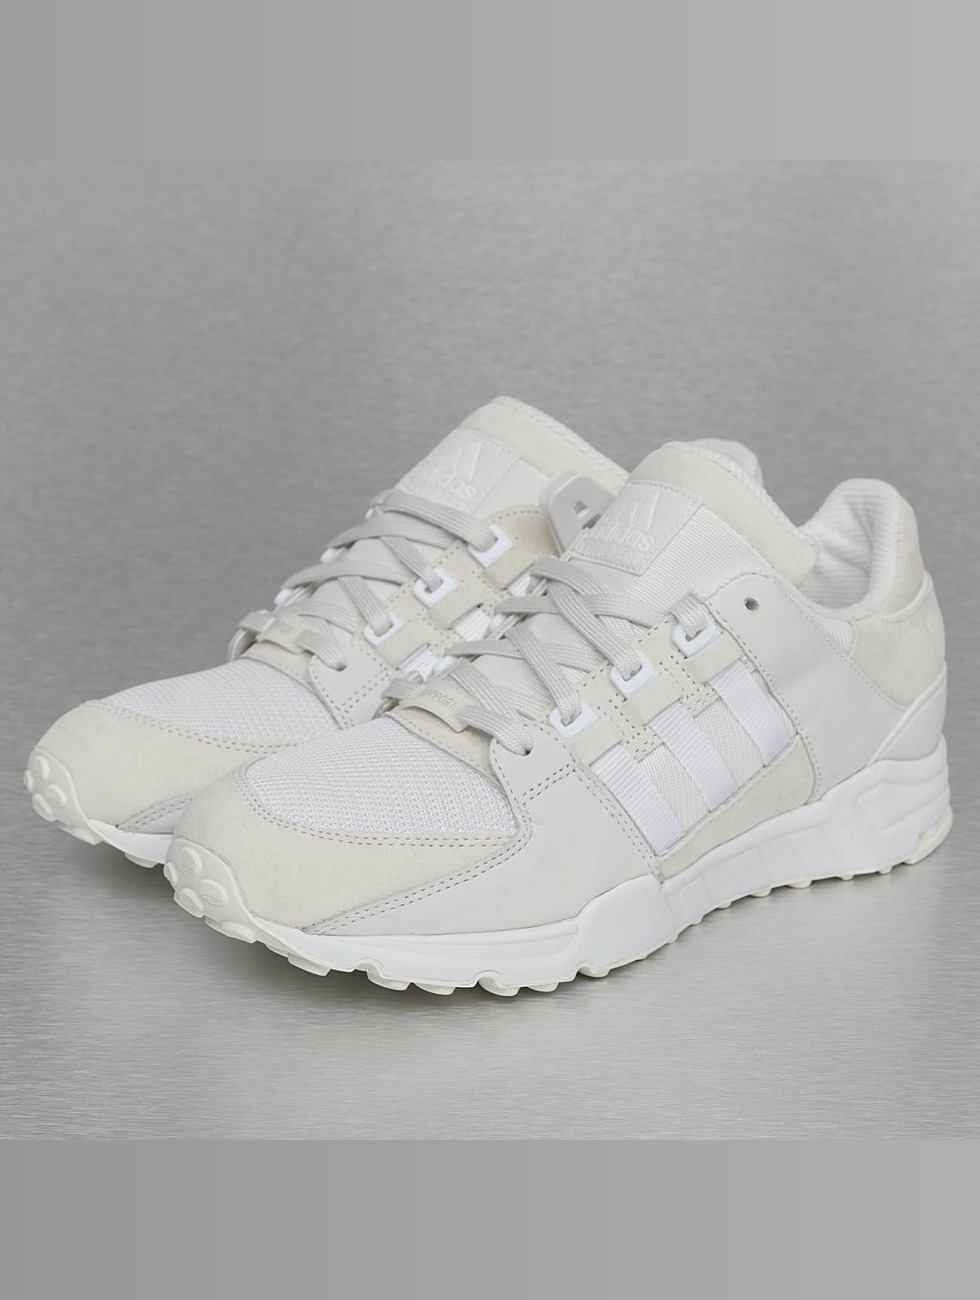 adidas originals Sneakers Equipment white